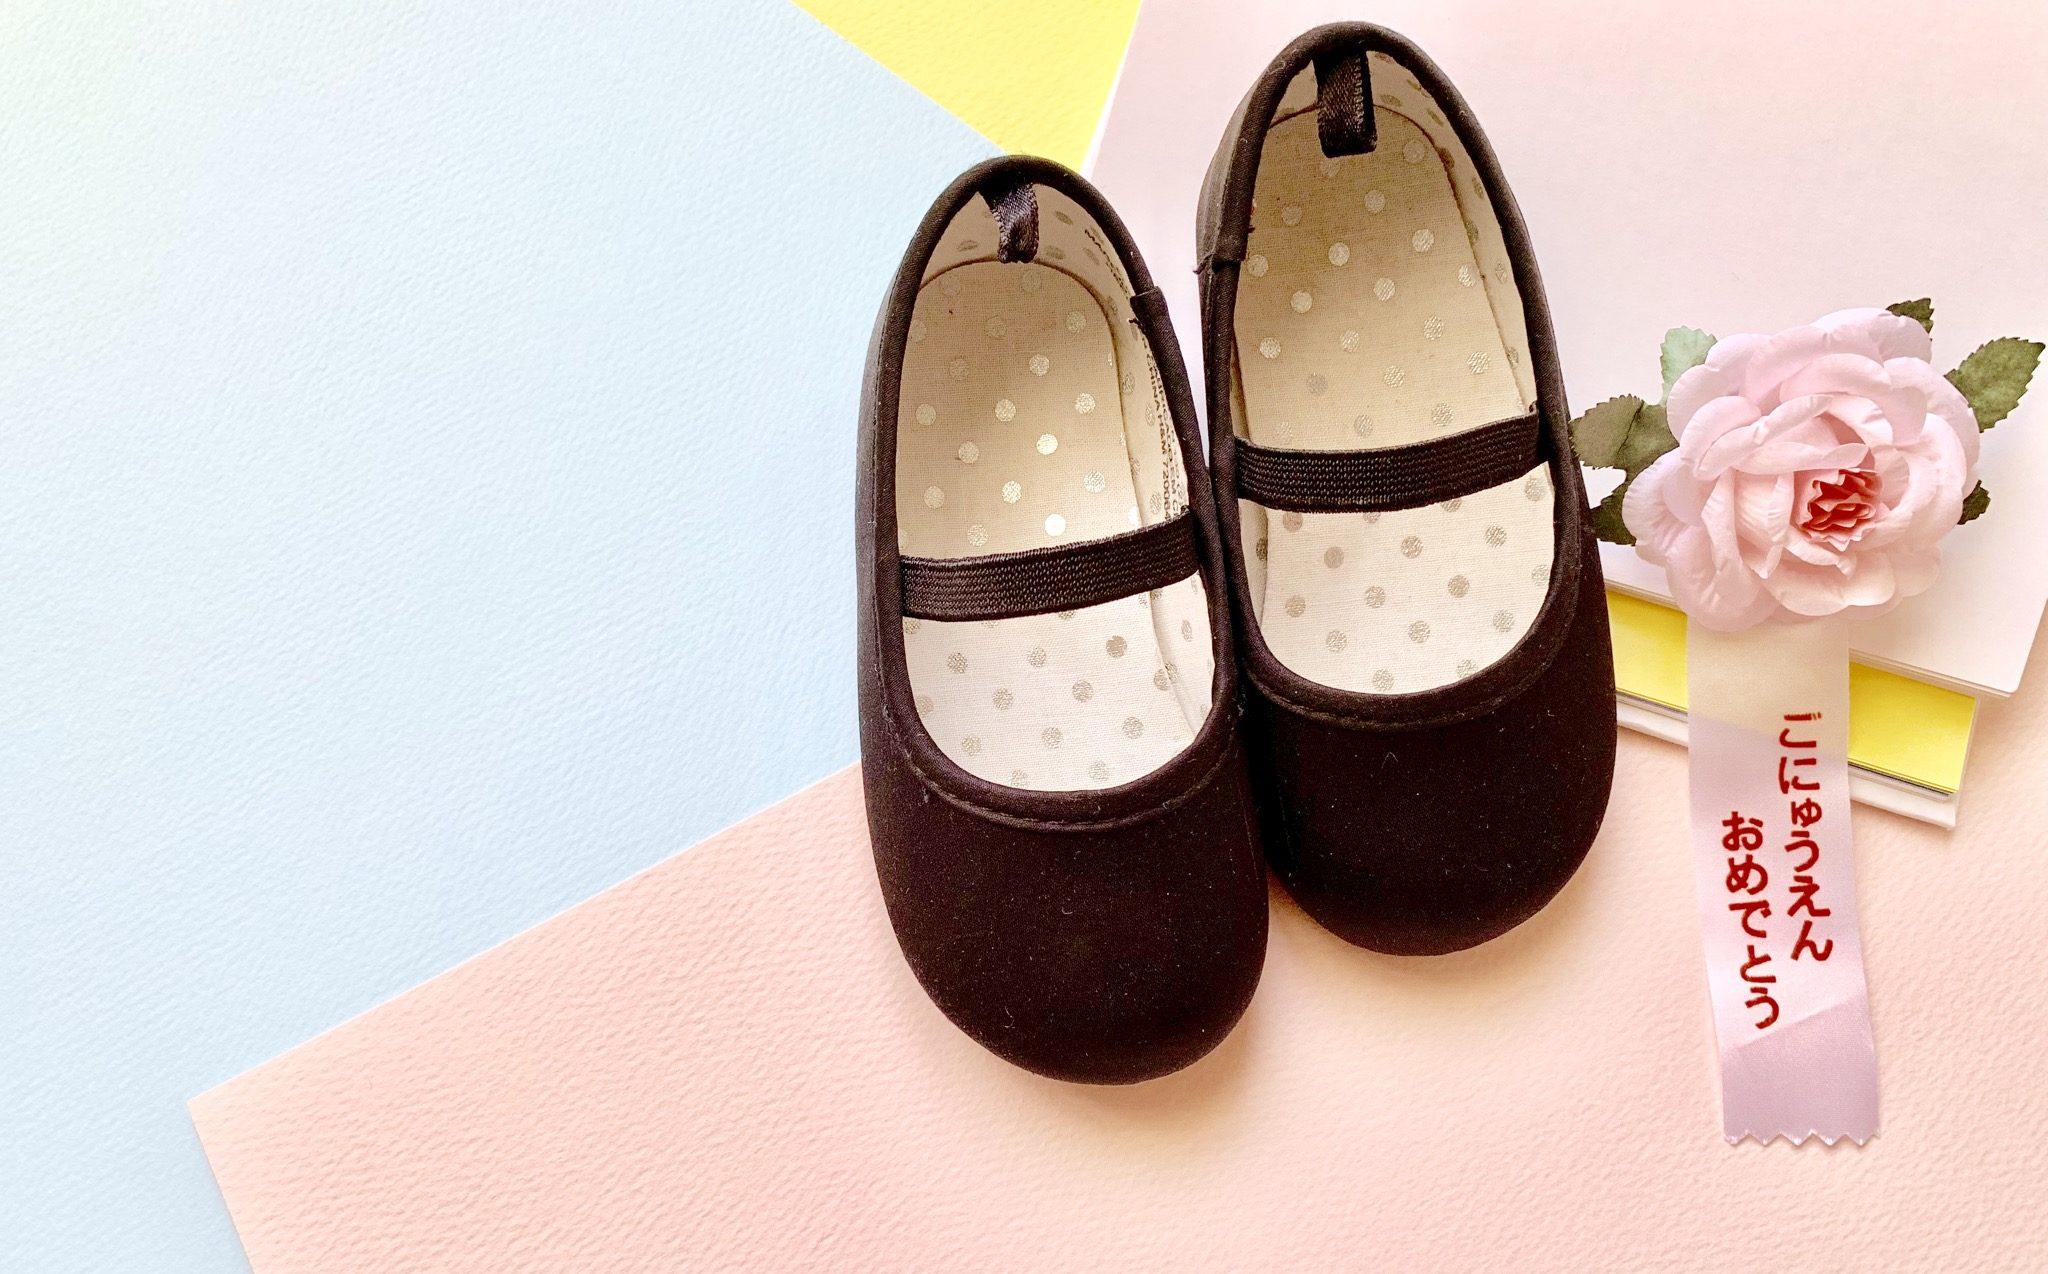 入園式の名札と靴